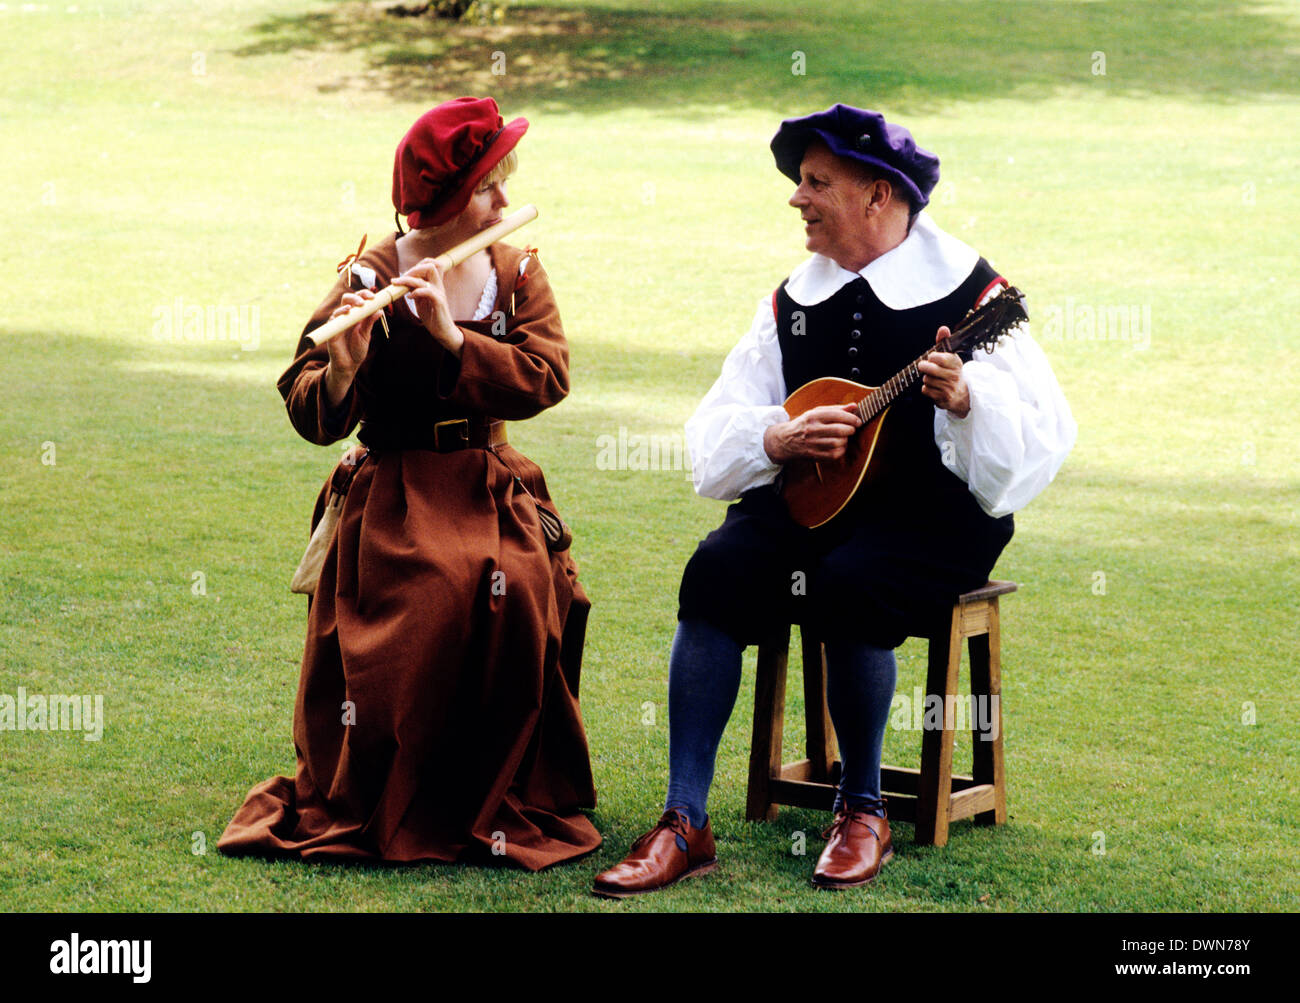 Période Stuart Musiciens, début du 17e siècle, reconstitution d'instruments de musique instrument de musique de la mode la mode costumes costume musicien England UK Photo Stock